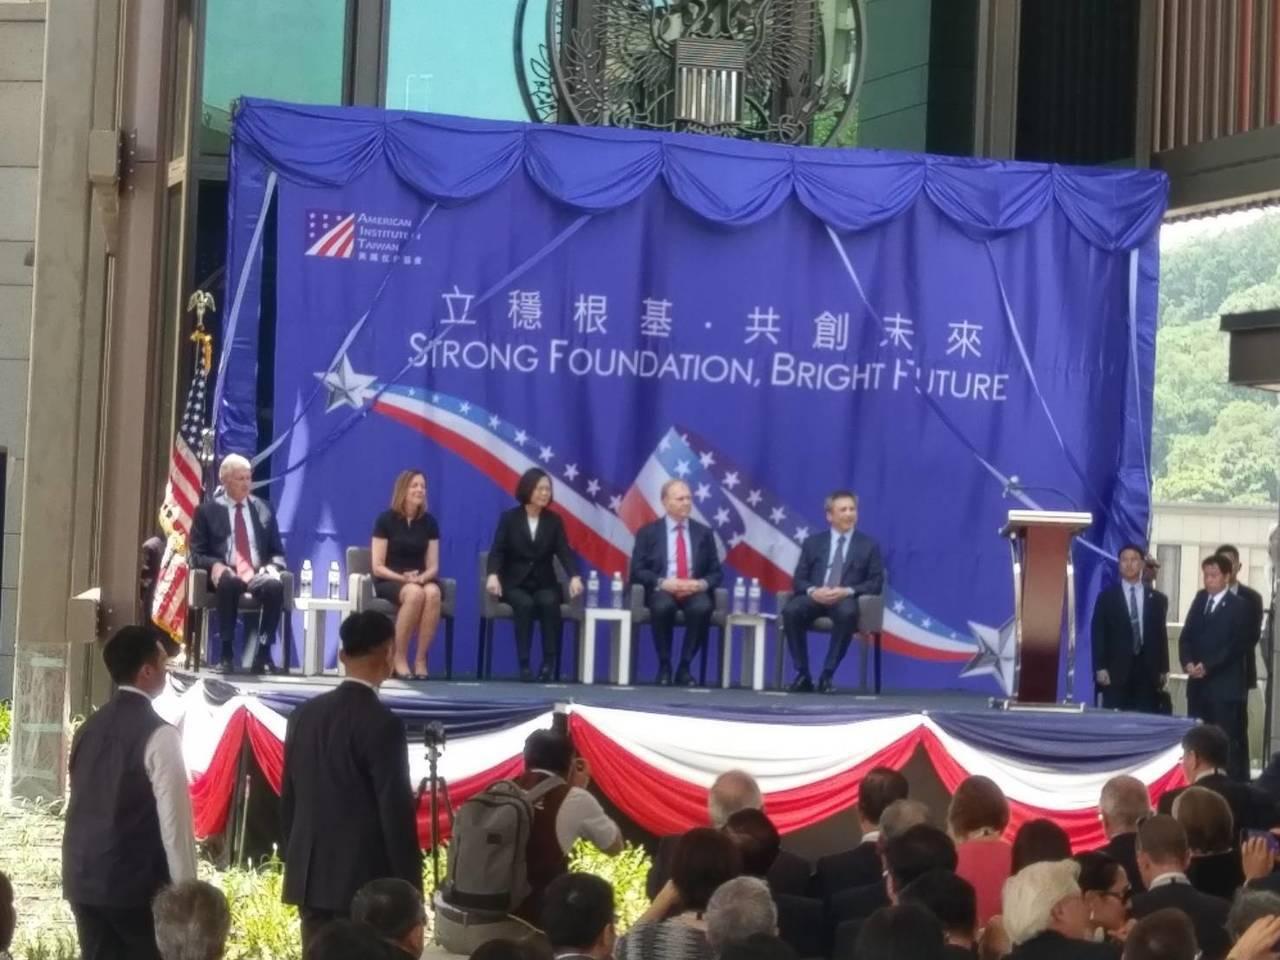 AIT新館落成典禮,蔡英文總統等貴賓出席。記者徐偉真/攝影